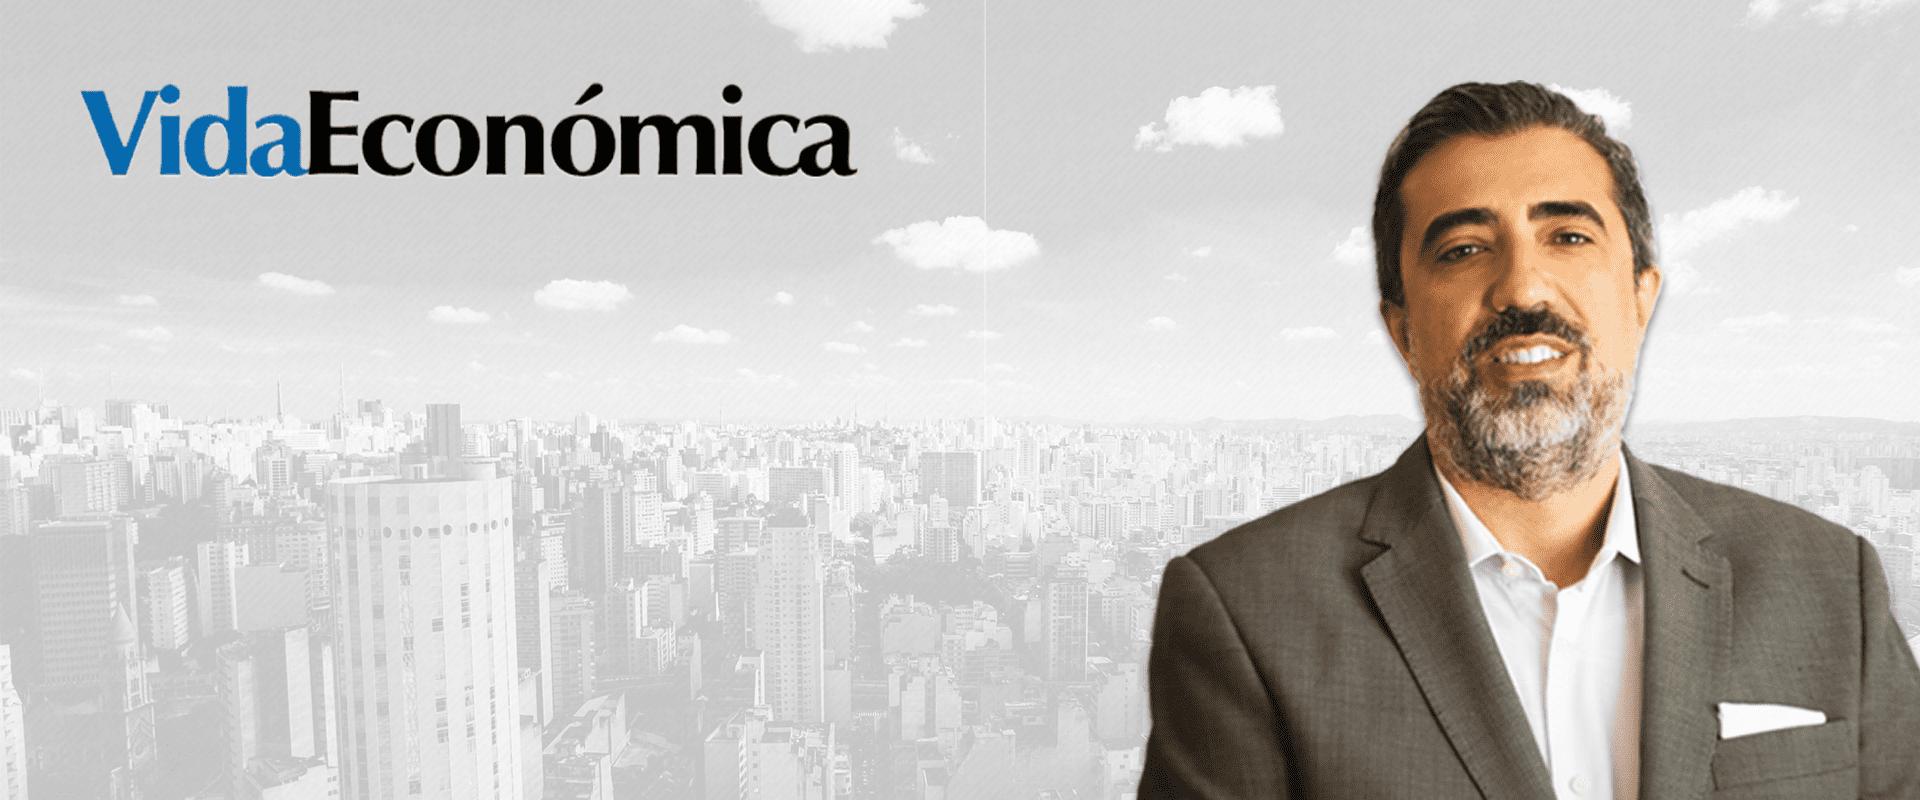 Arquiled Aposta no Mercado Brasileiro - Vida Económica